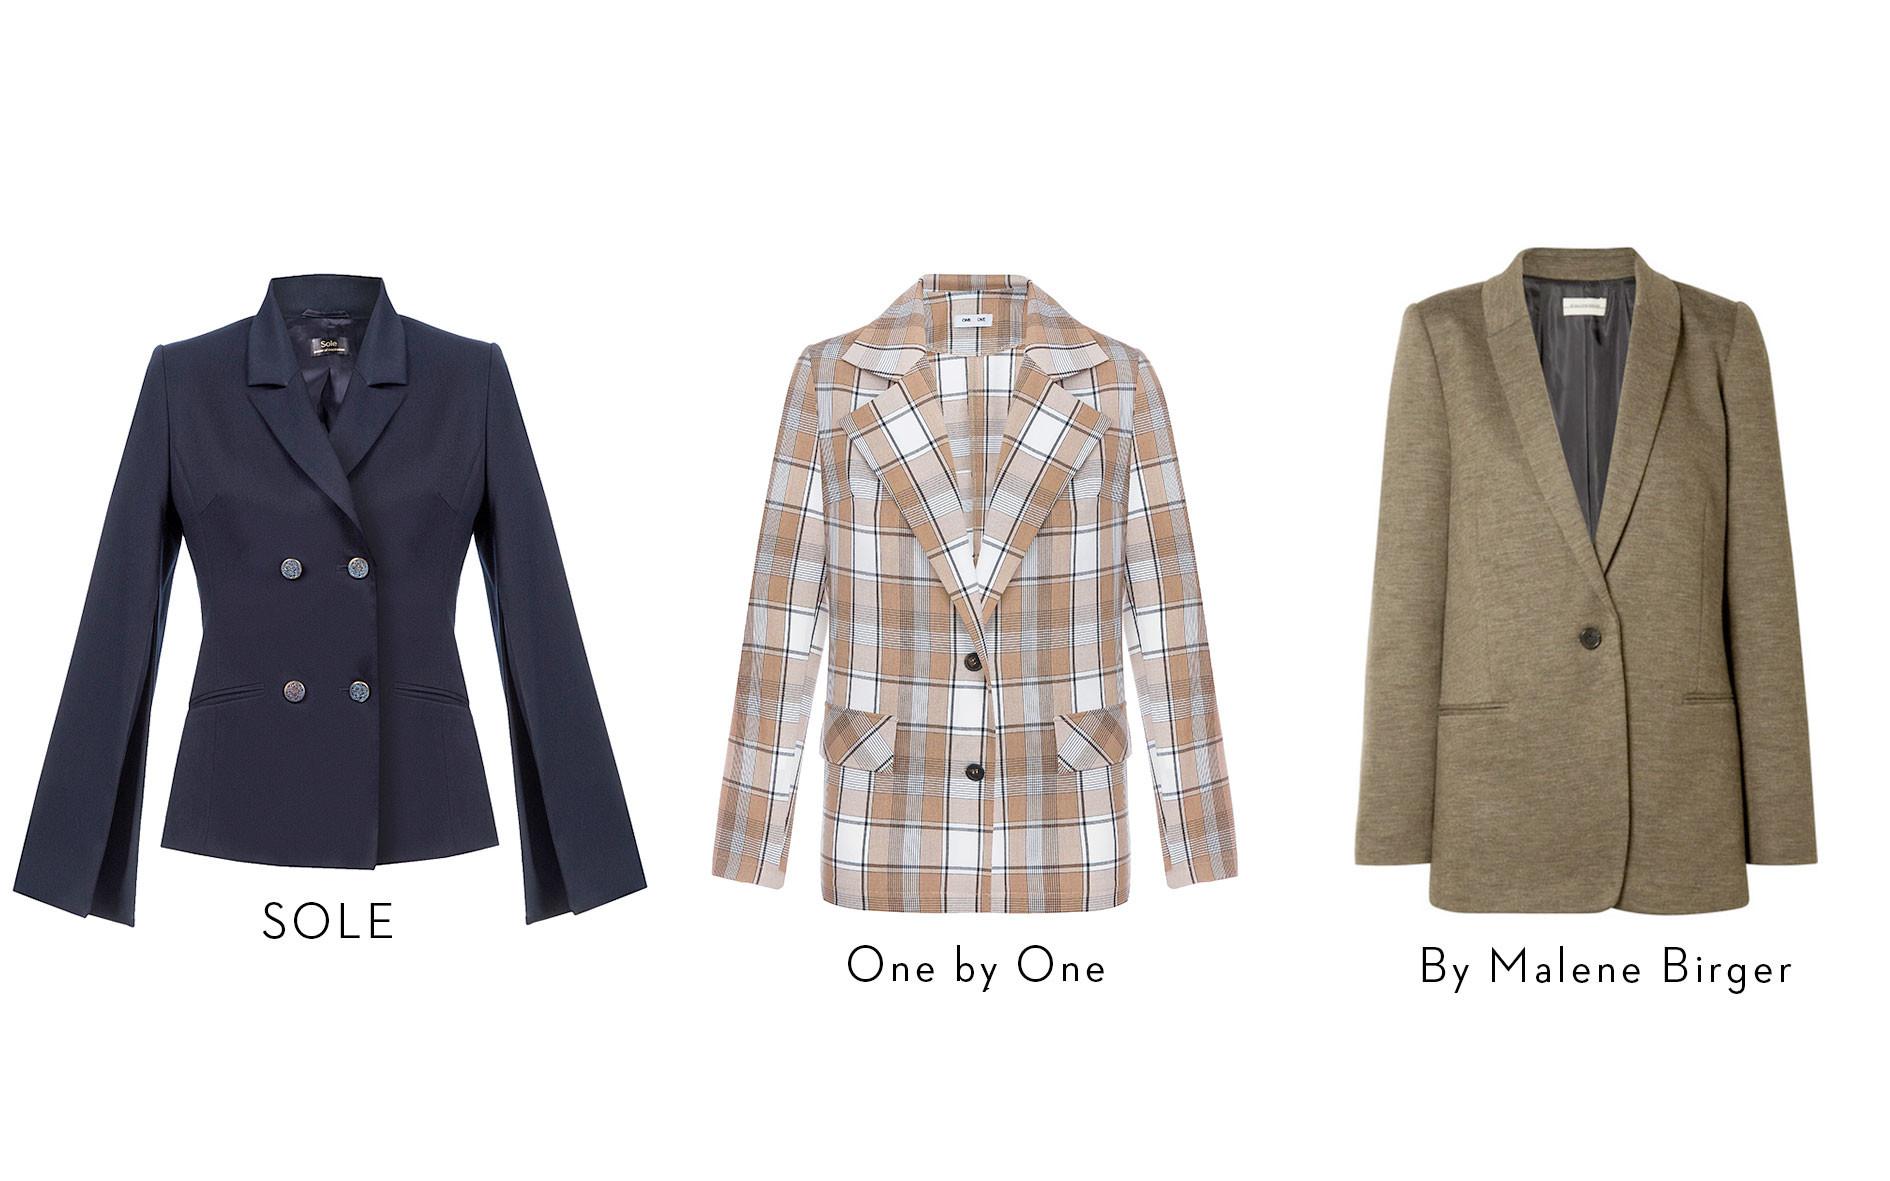 Базовый гардероб на весну и лето 2019 – стильные пиджаки